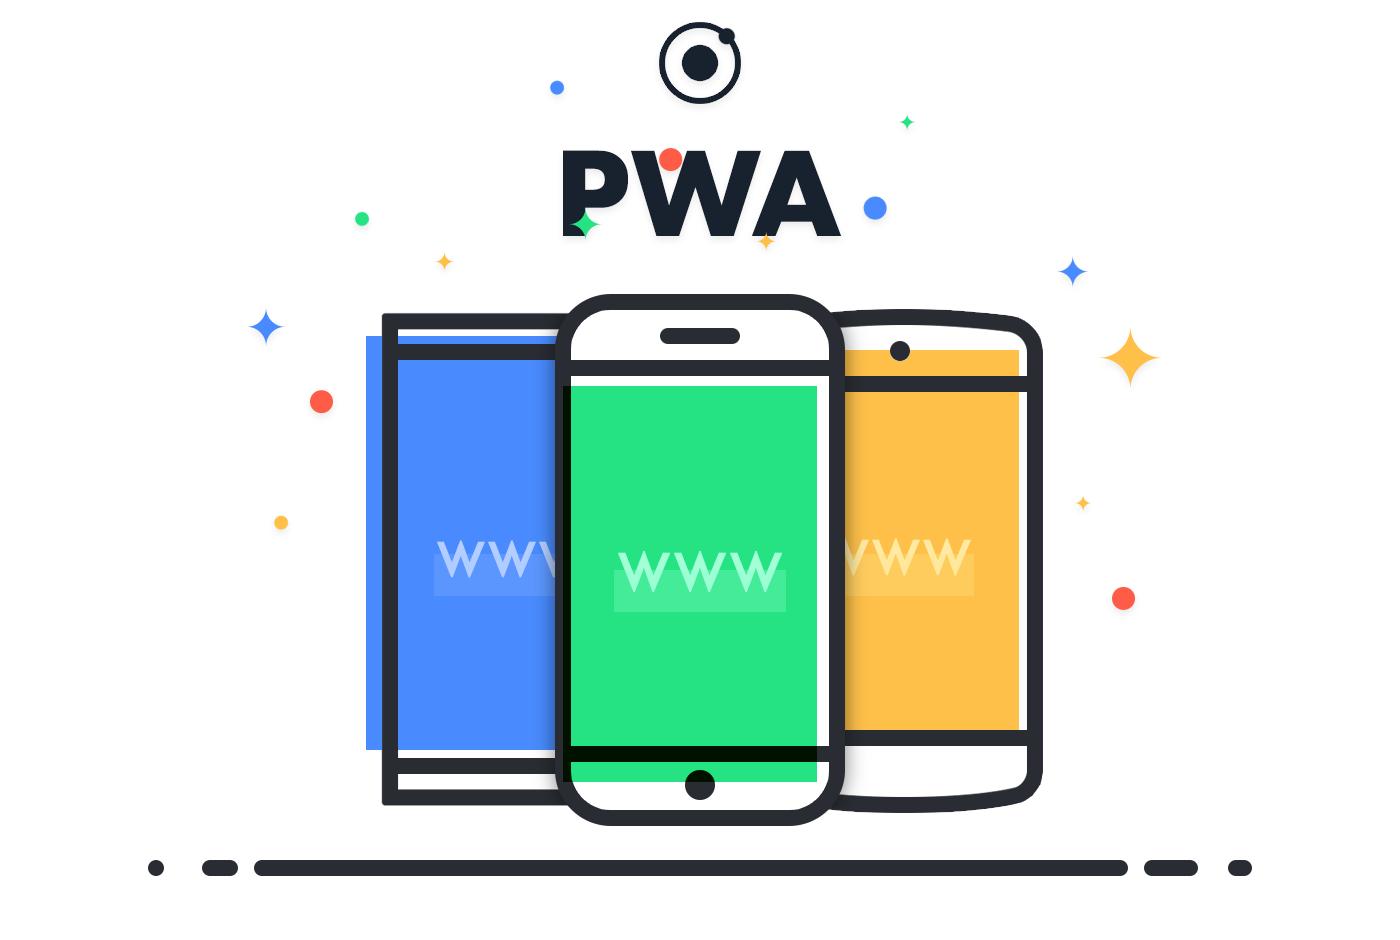 اپلیکیشن pwa چیست